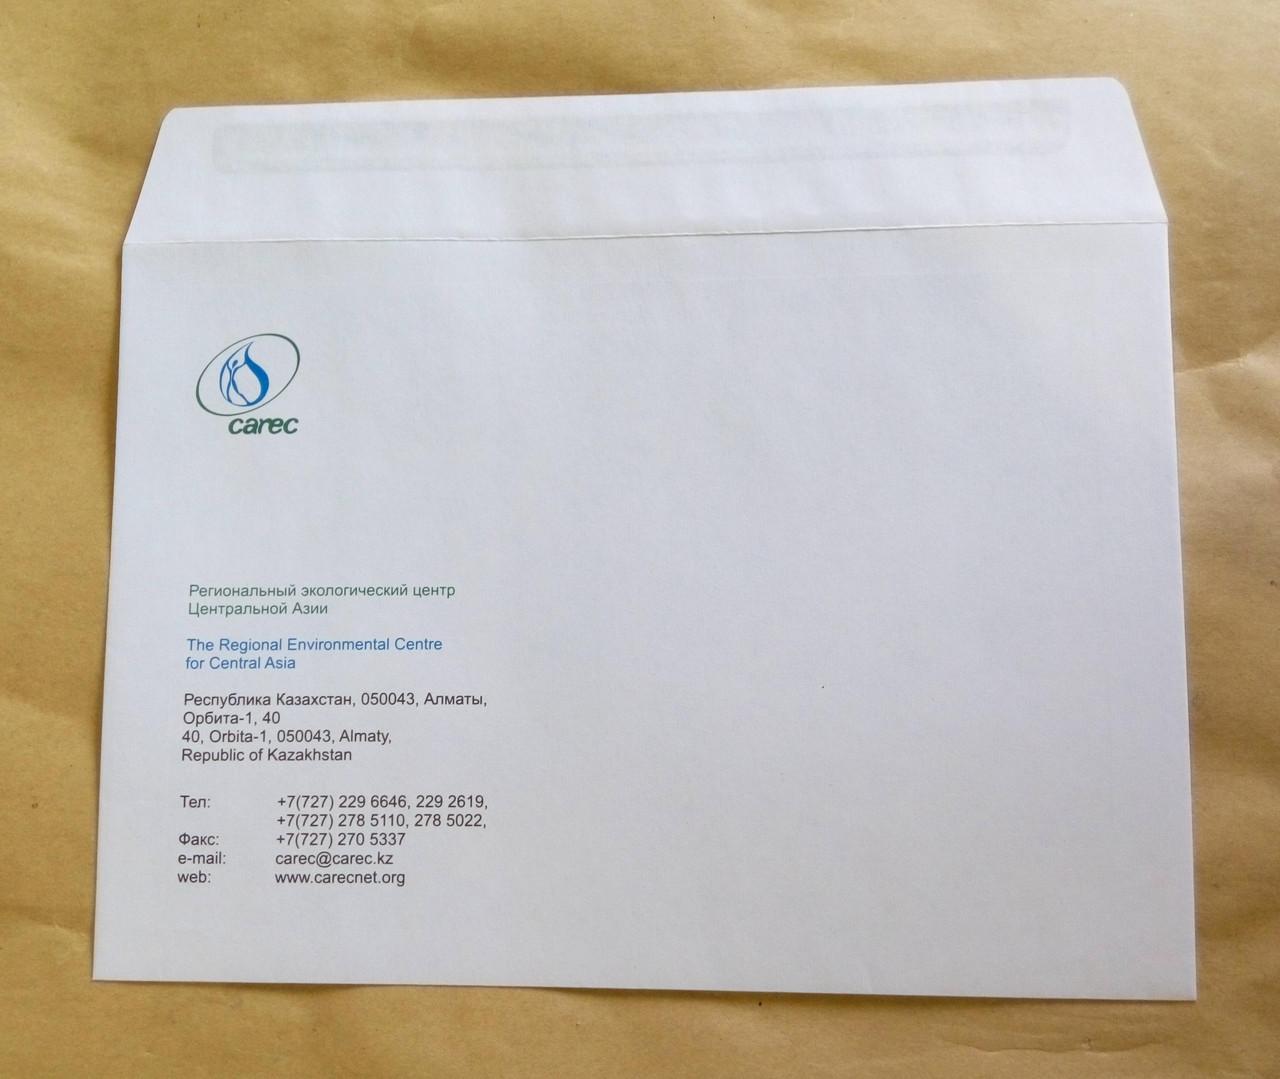 Конверты, печать на конвертах